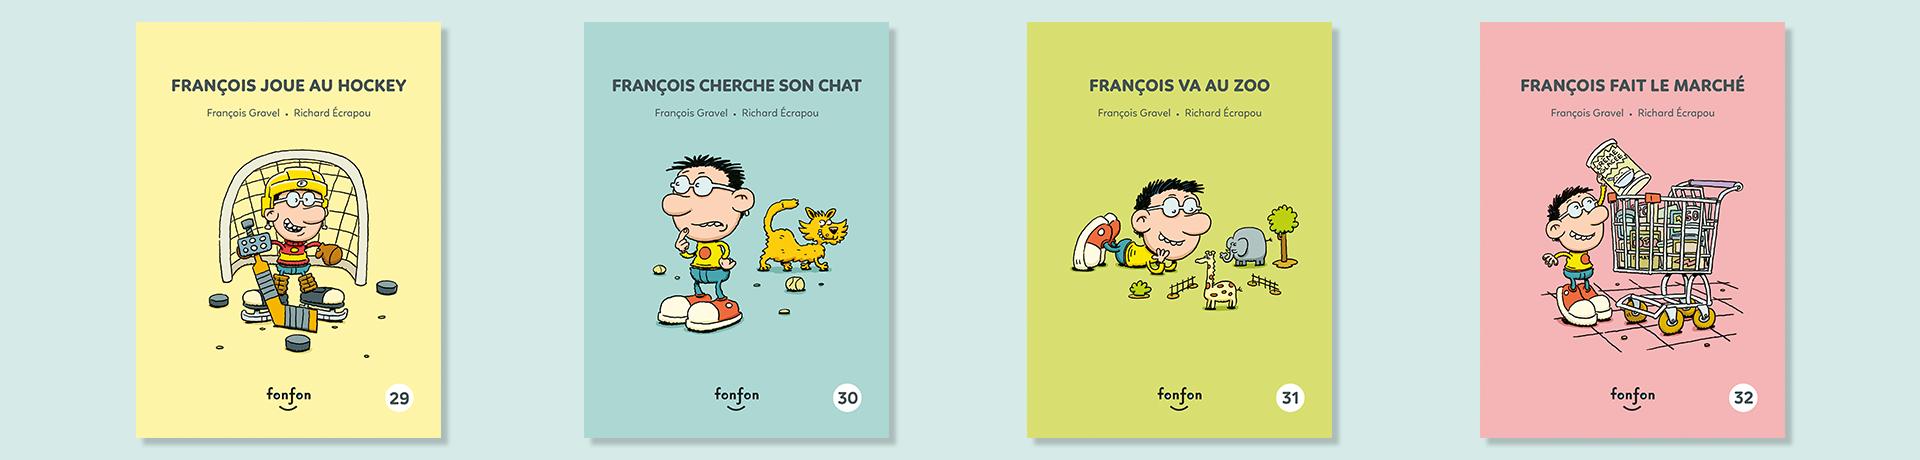 banniere-francois_1980X460